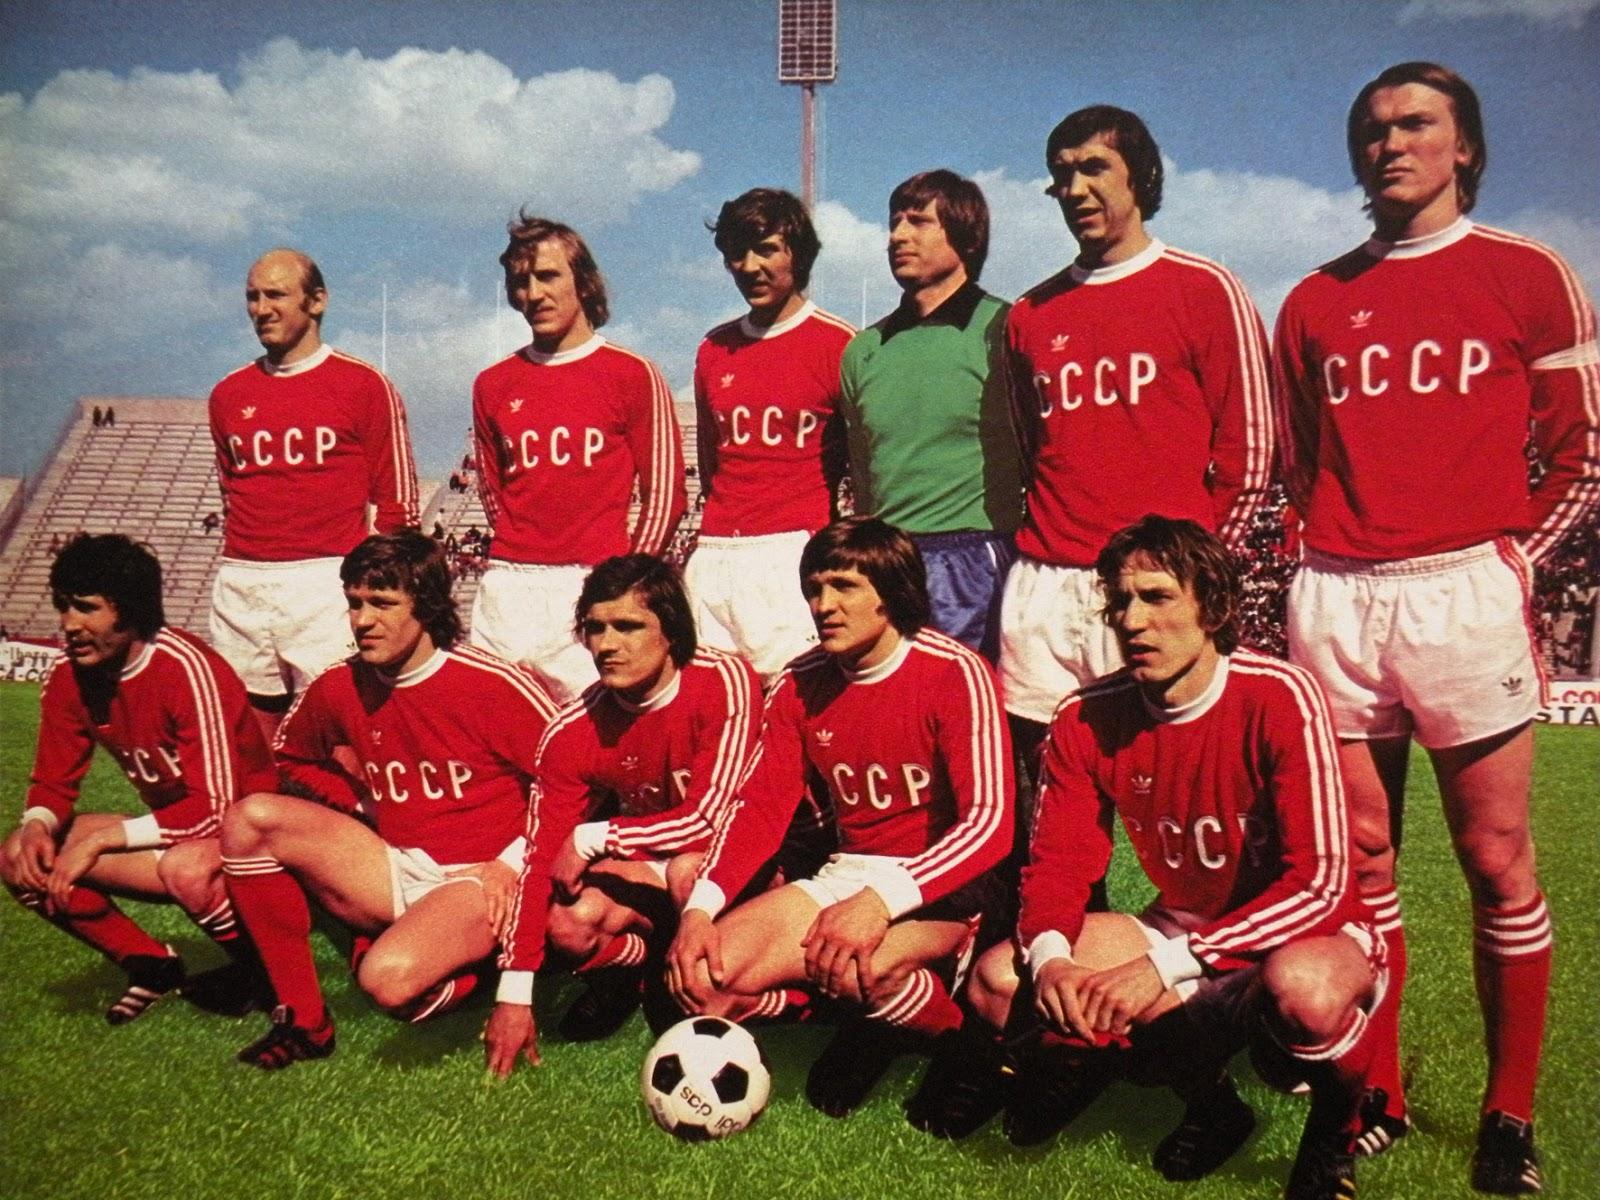 Resultado de imagem para CCCP 1982